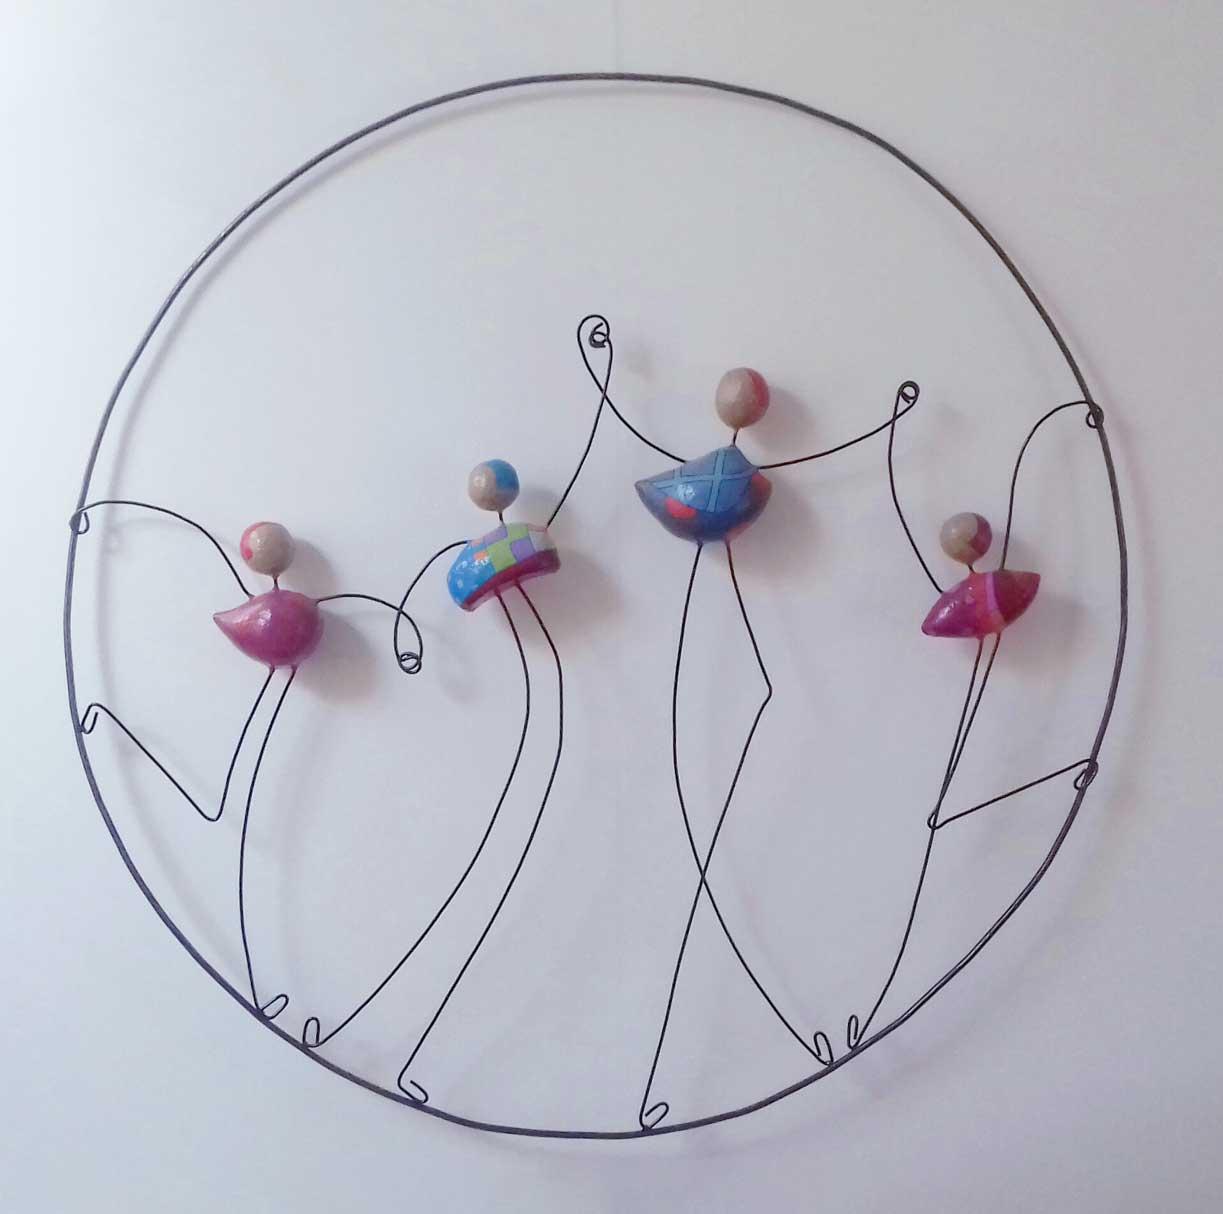 cercle-90cm-420€